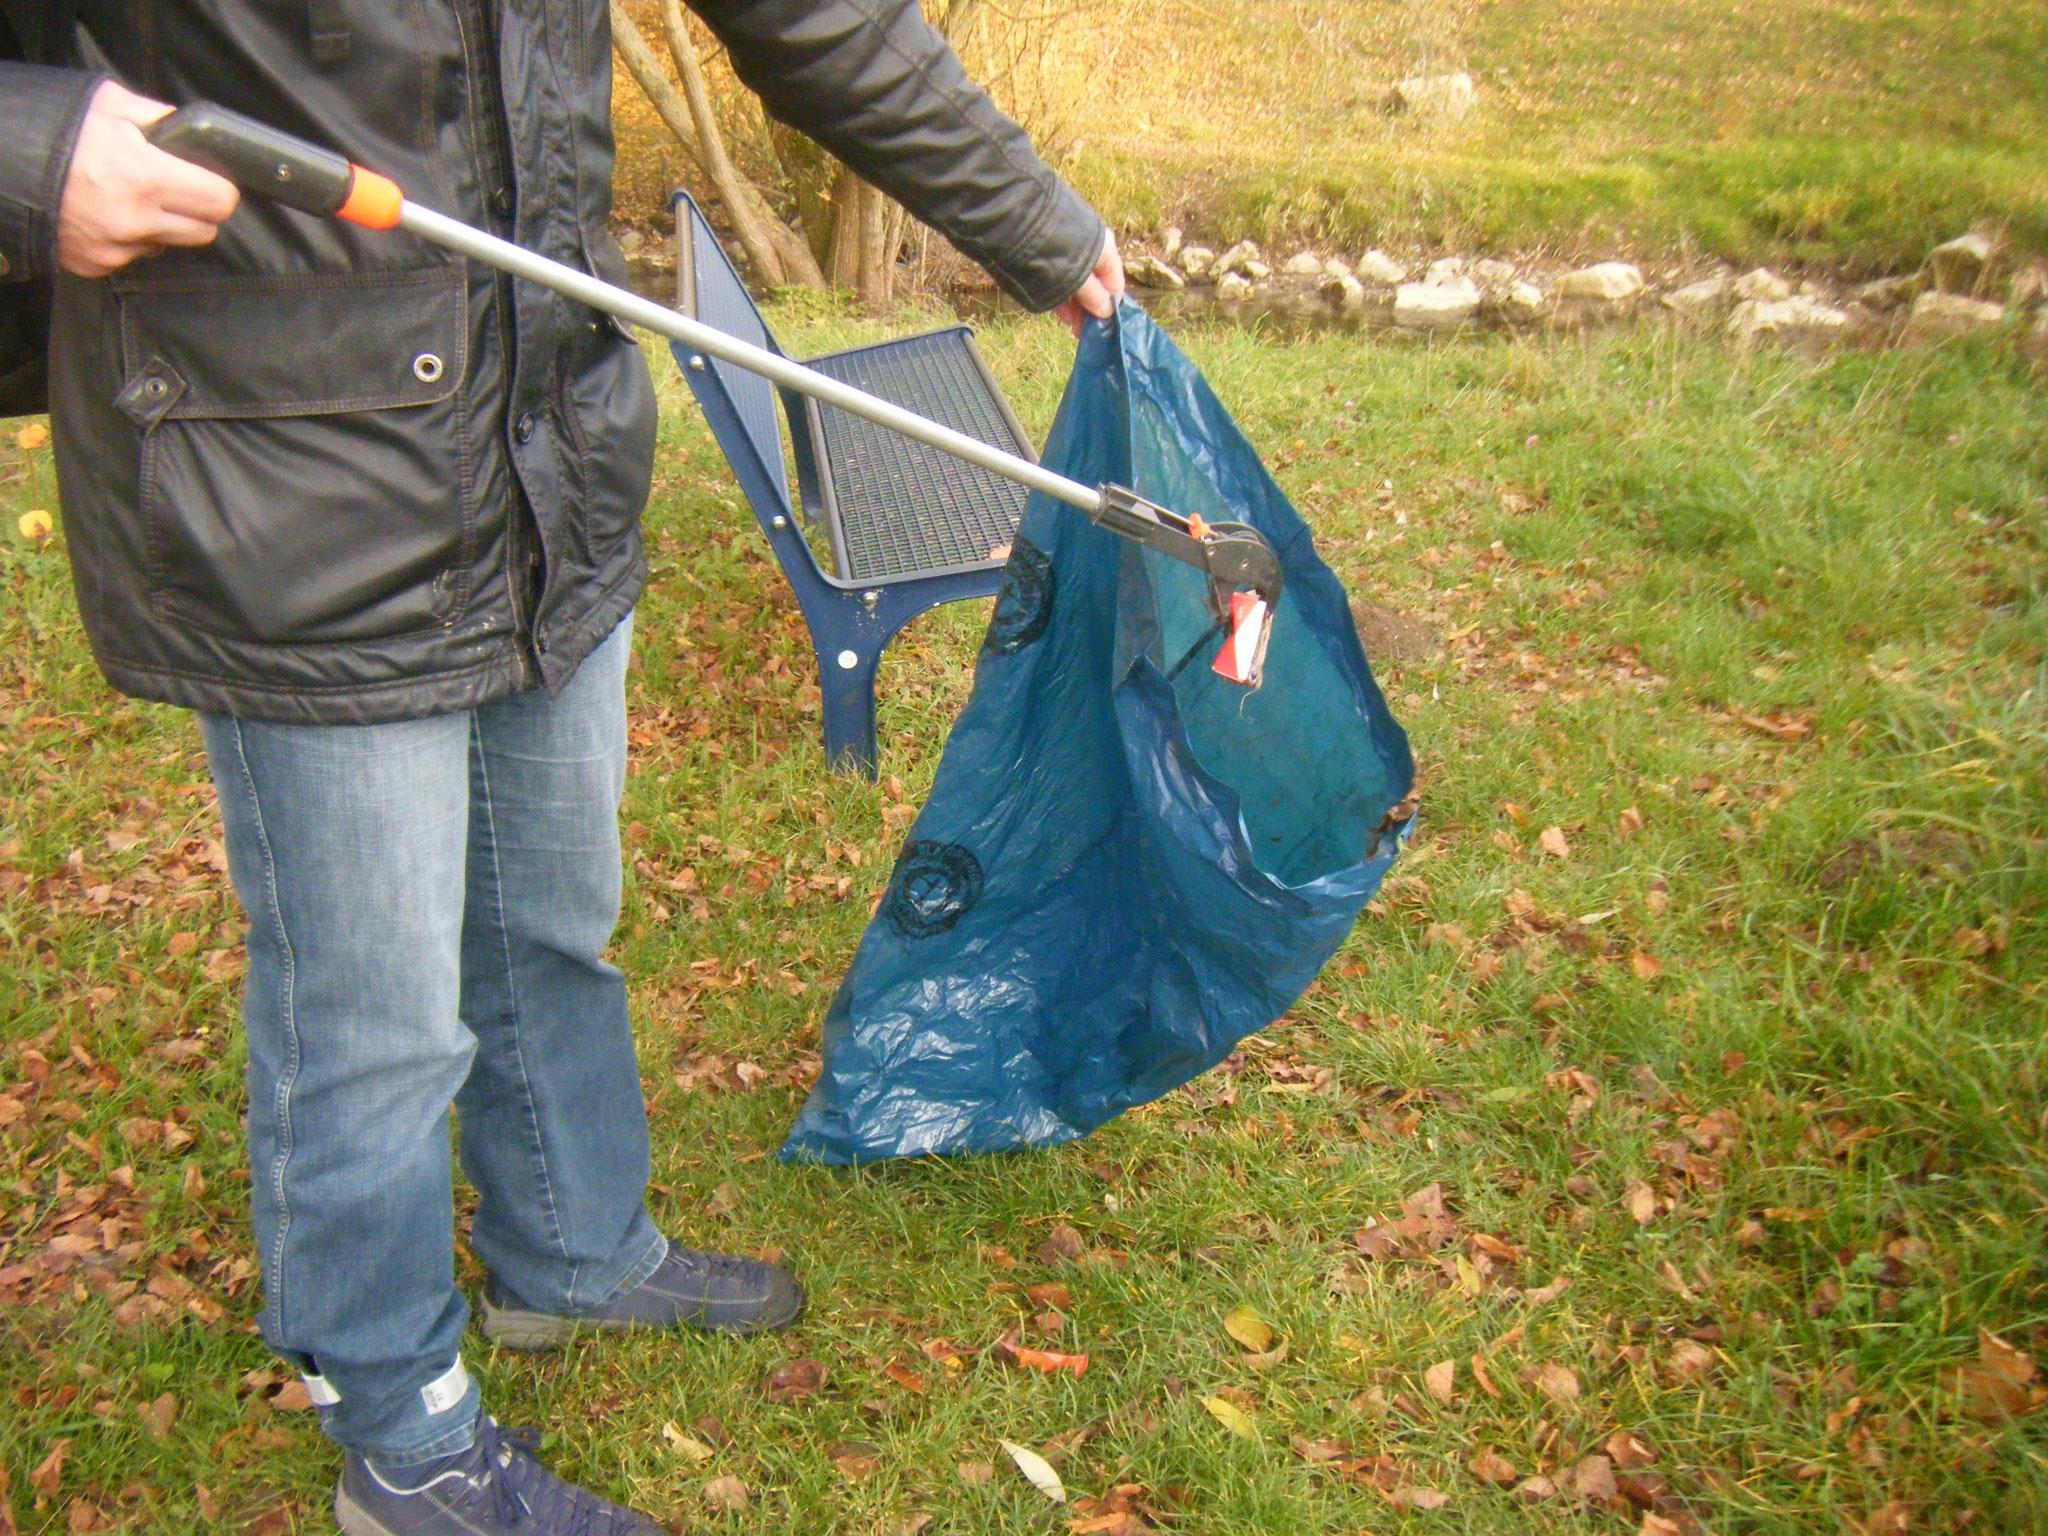 besonders bei Wind schwer zu zielen, zu tragen und zu halten, ausserdem wird der Müllsack immer schwerer